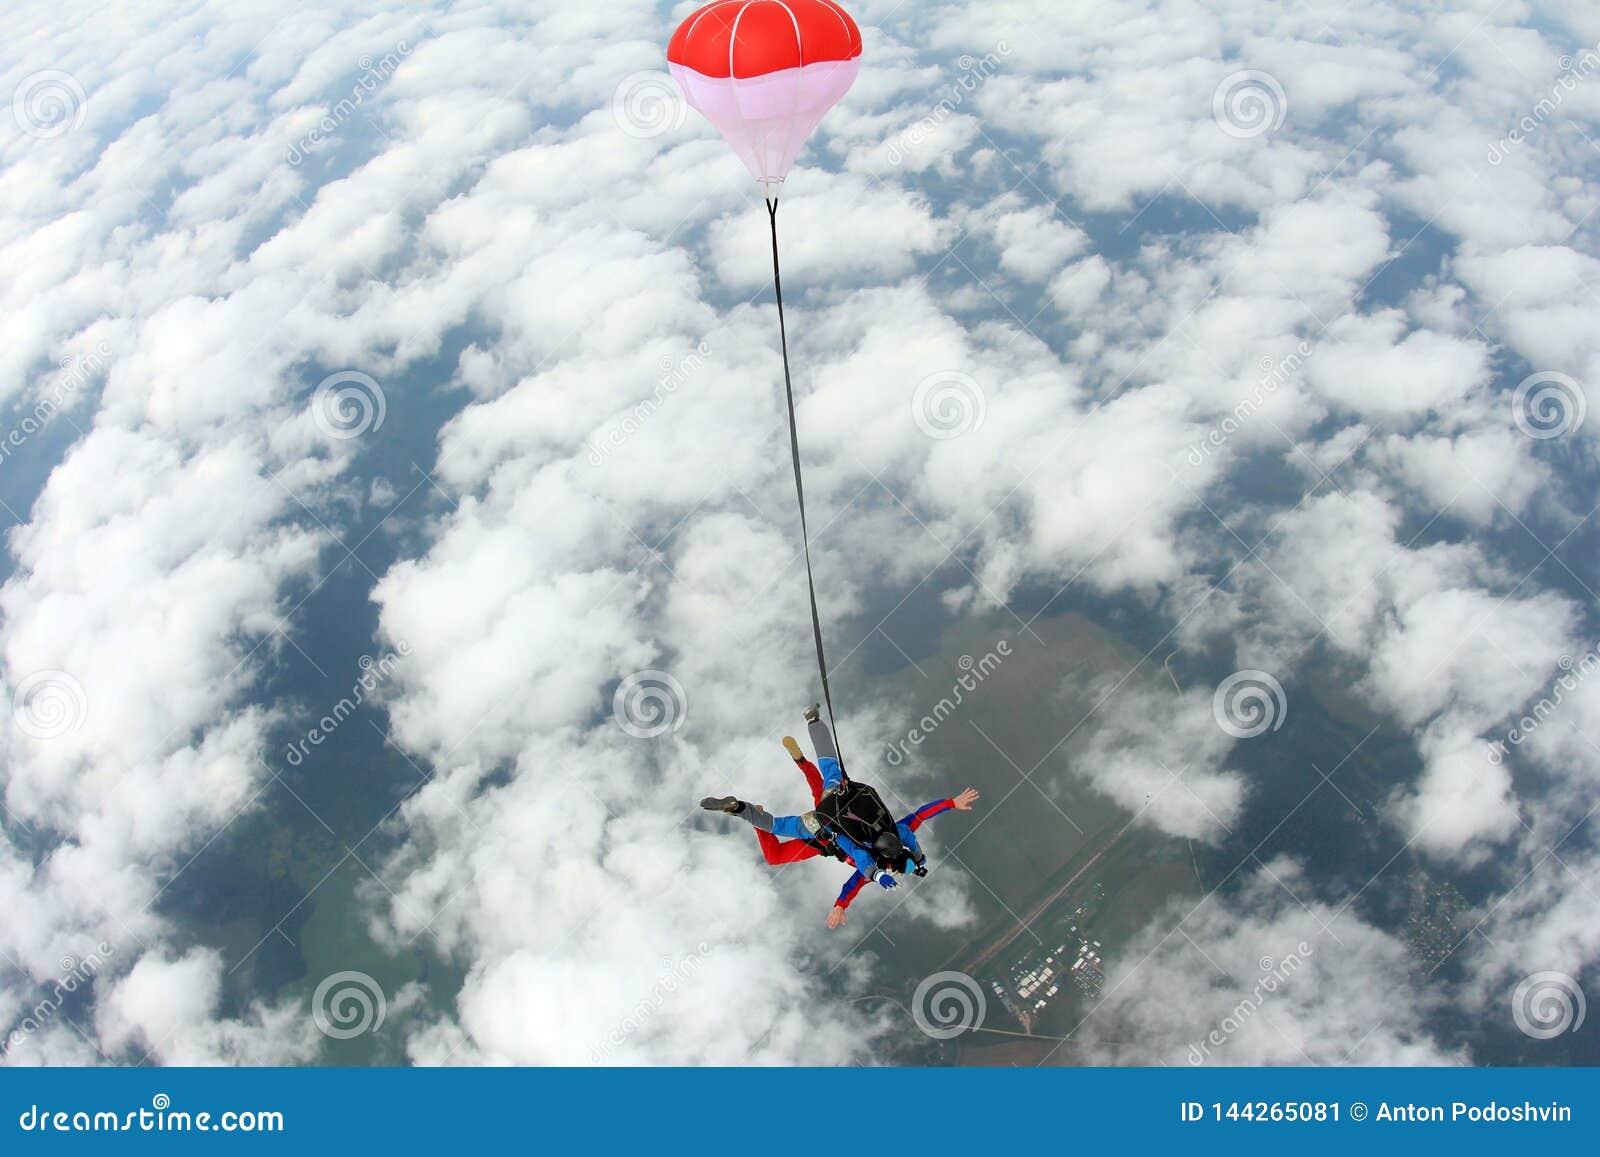 Skydiving 纵排跃迁 辅导员和印度乘客